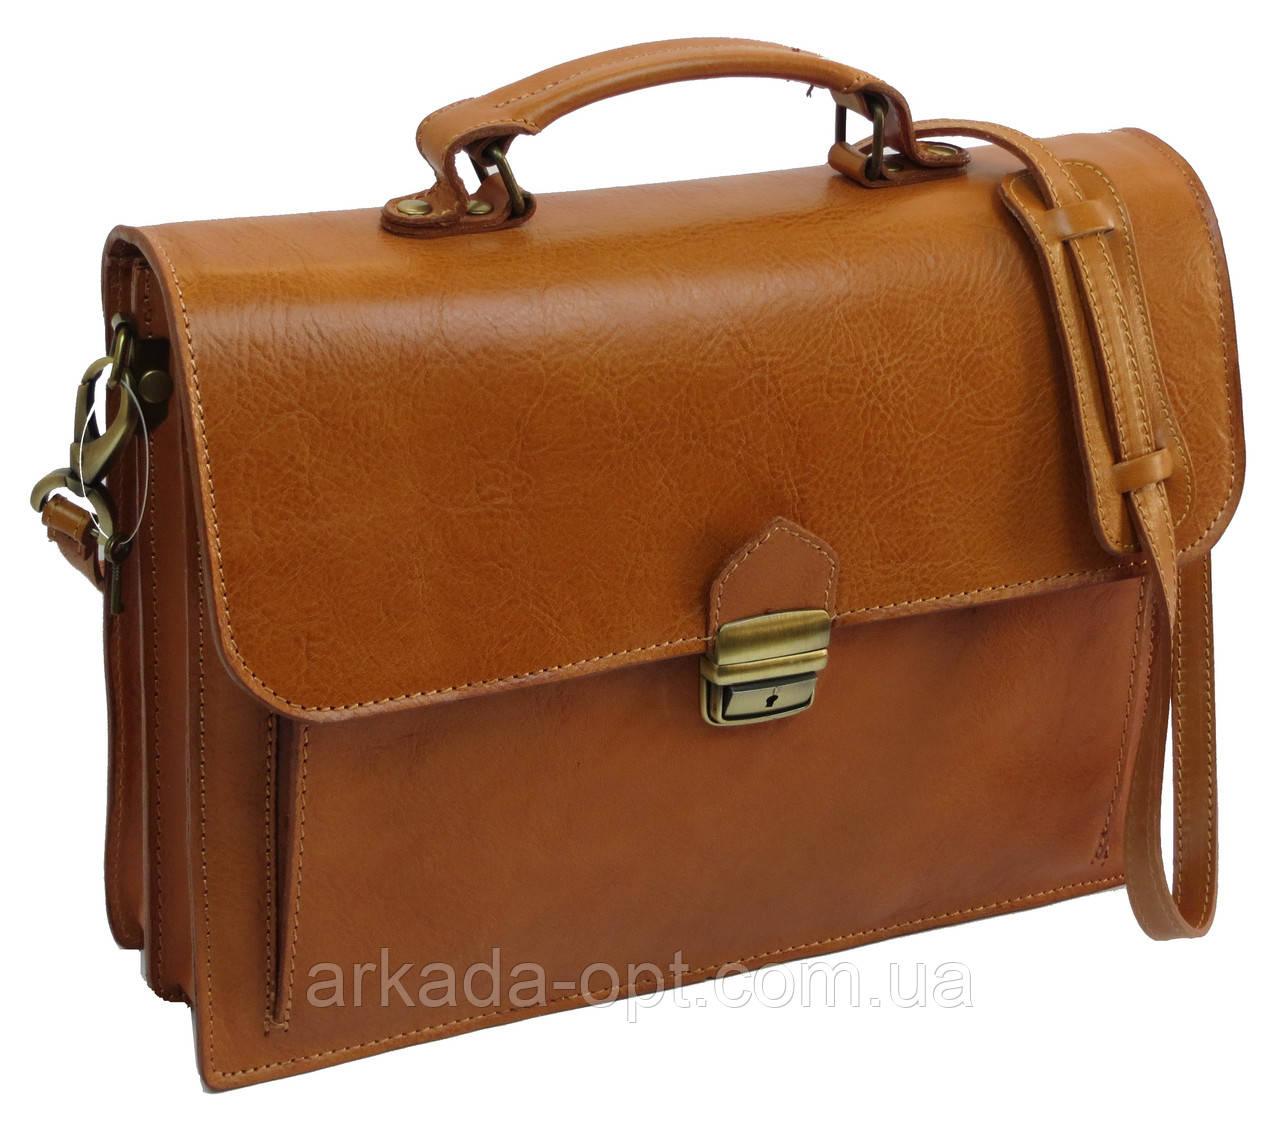 Чоловічий портфель з натуральної шкіри TOMSKOR Рудий (81569)